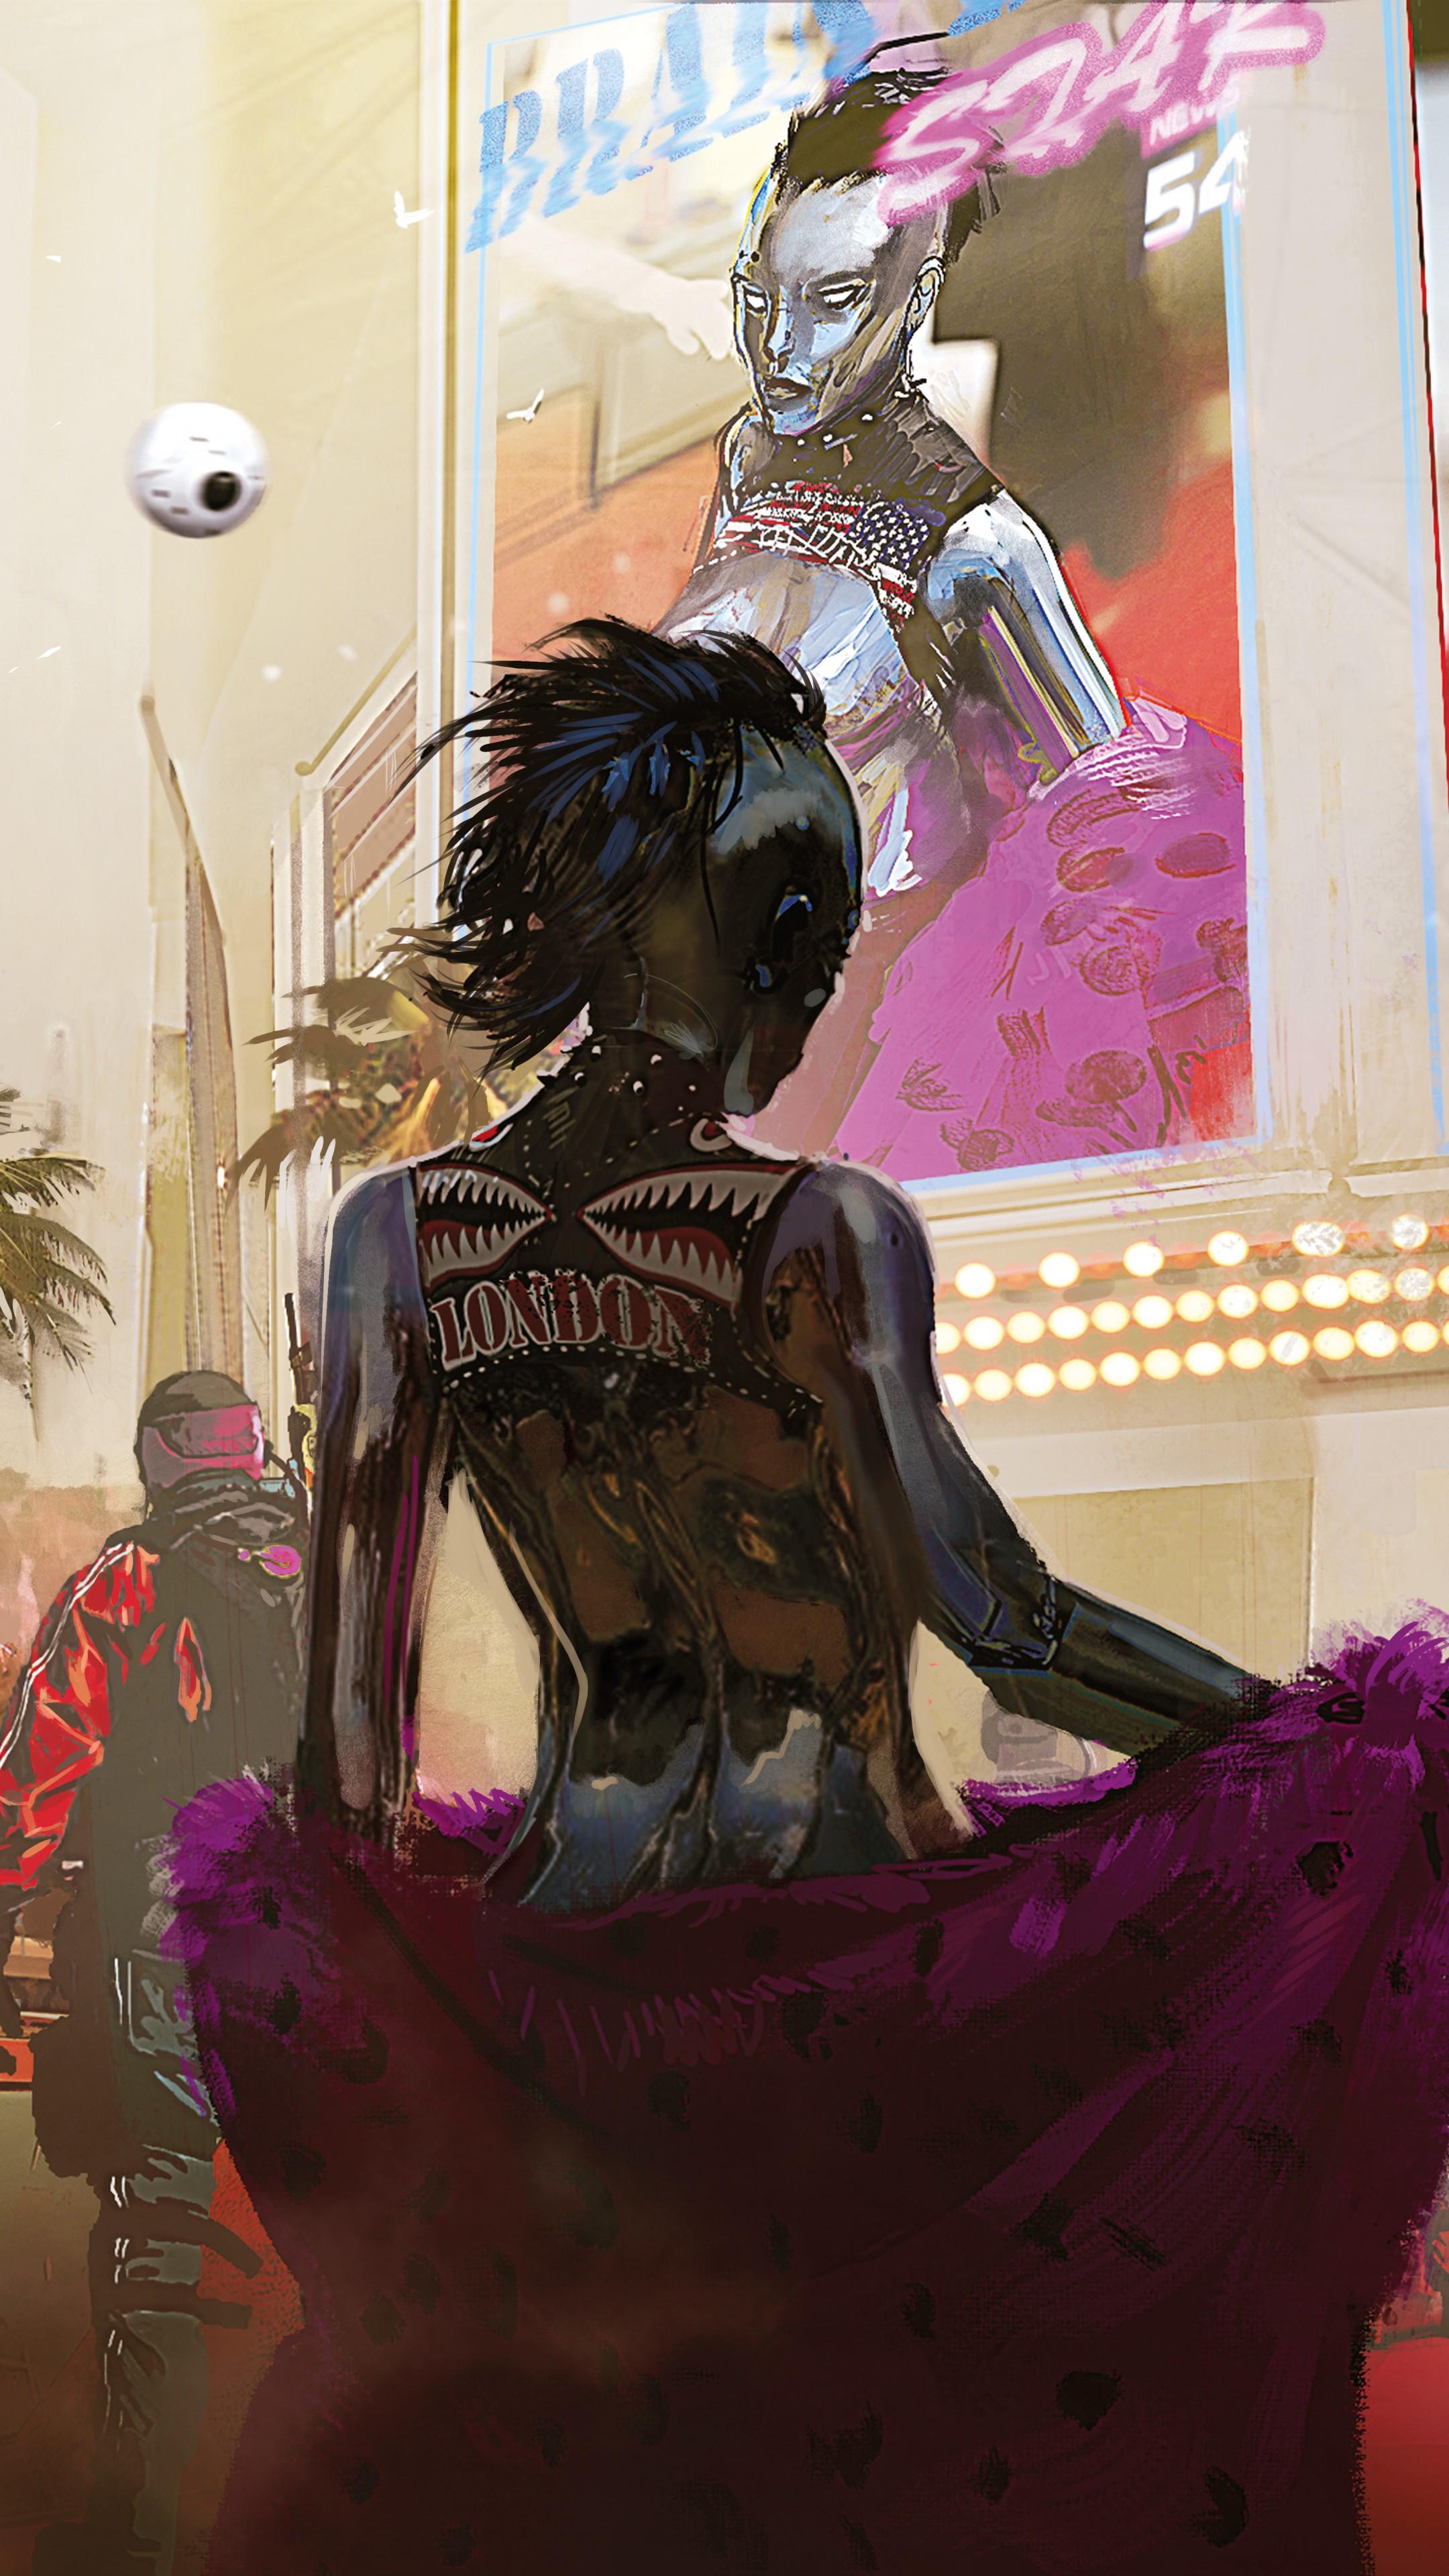 Wallpaper Cyberpunk 2077 E3 2018 Artwork 12k Games 19196